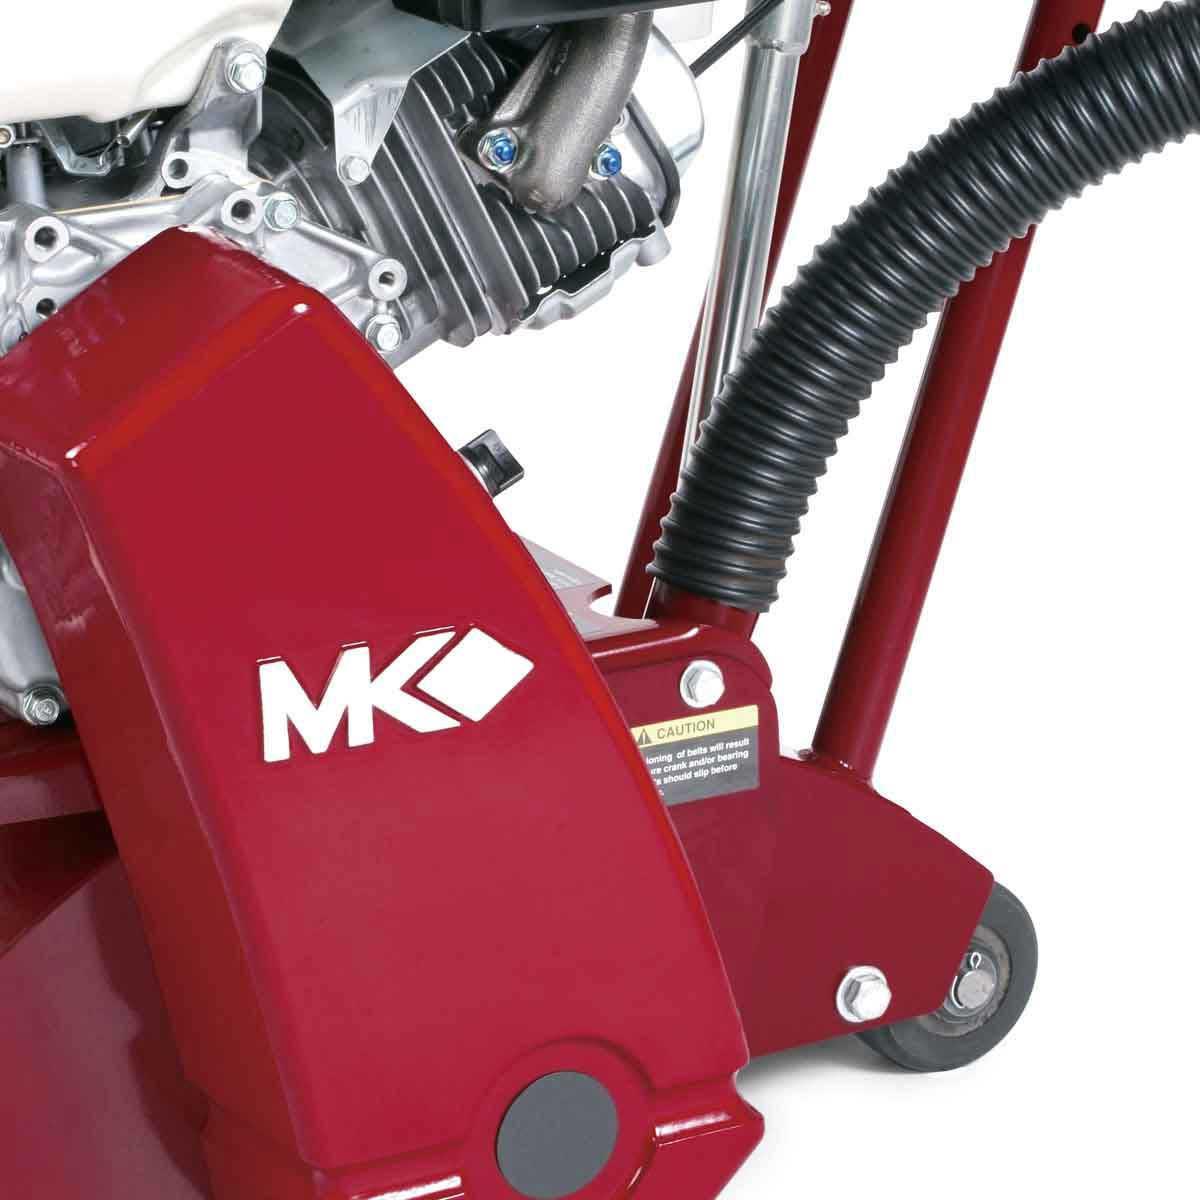 158944 MK-SG-9 Honda Gas 8 inch Scarifier